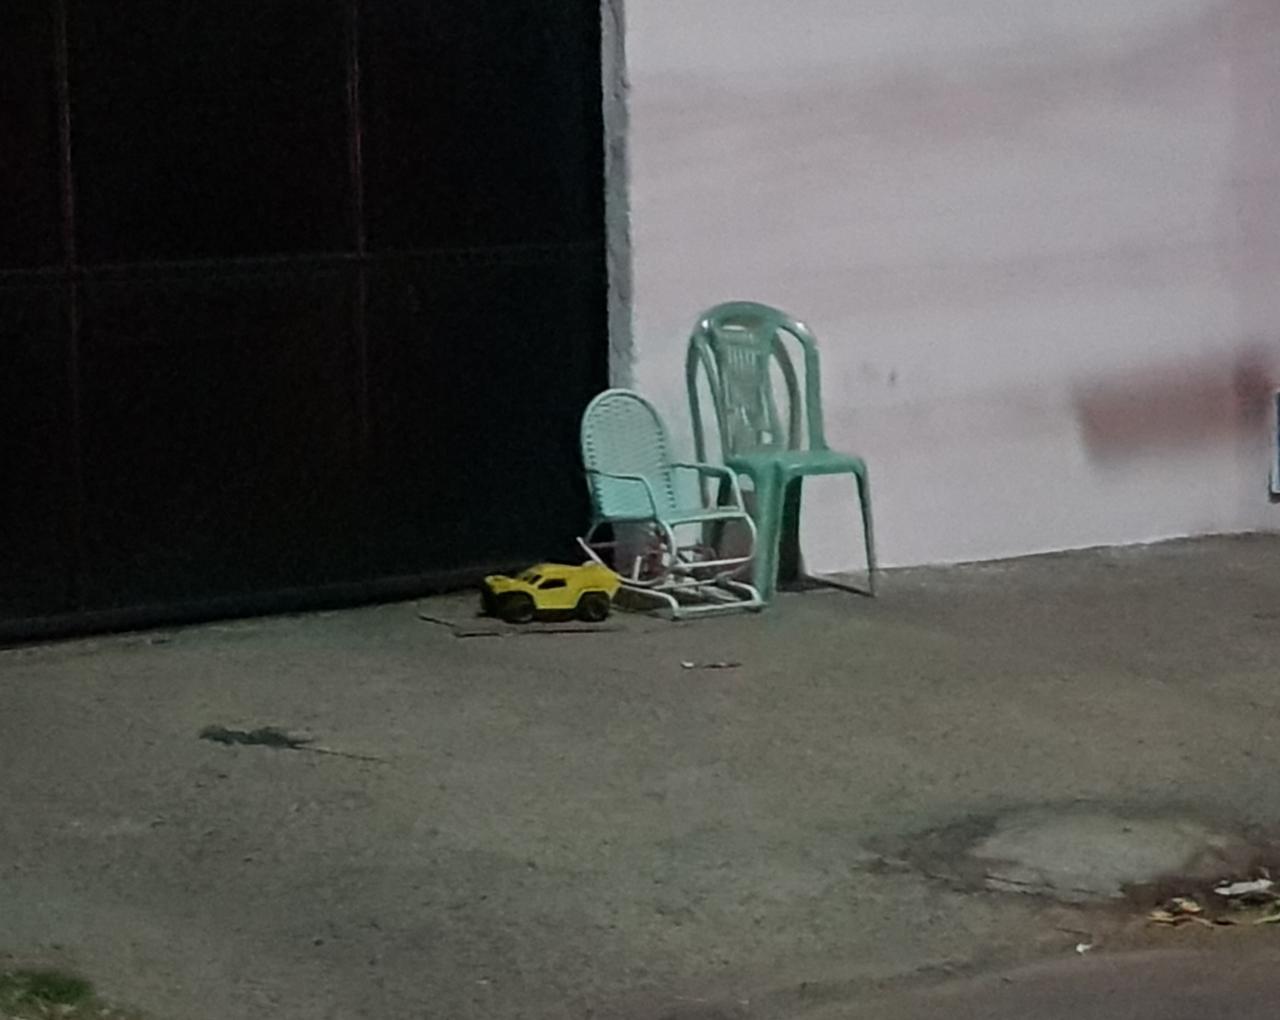 Mulher é assassinada a tiros na frente de criança em Fortaleza